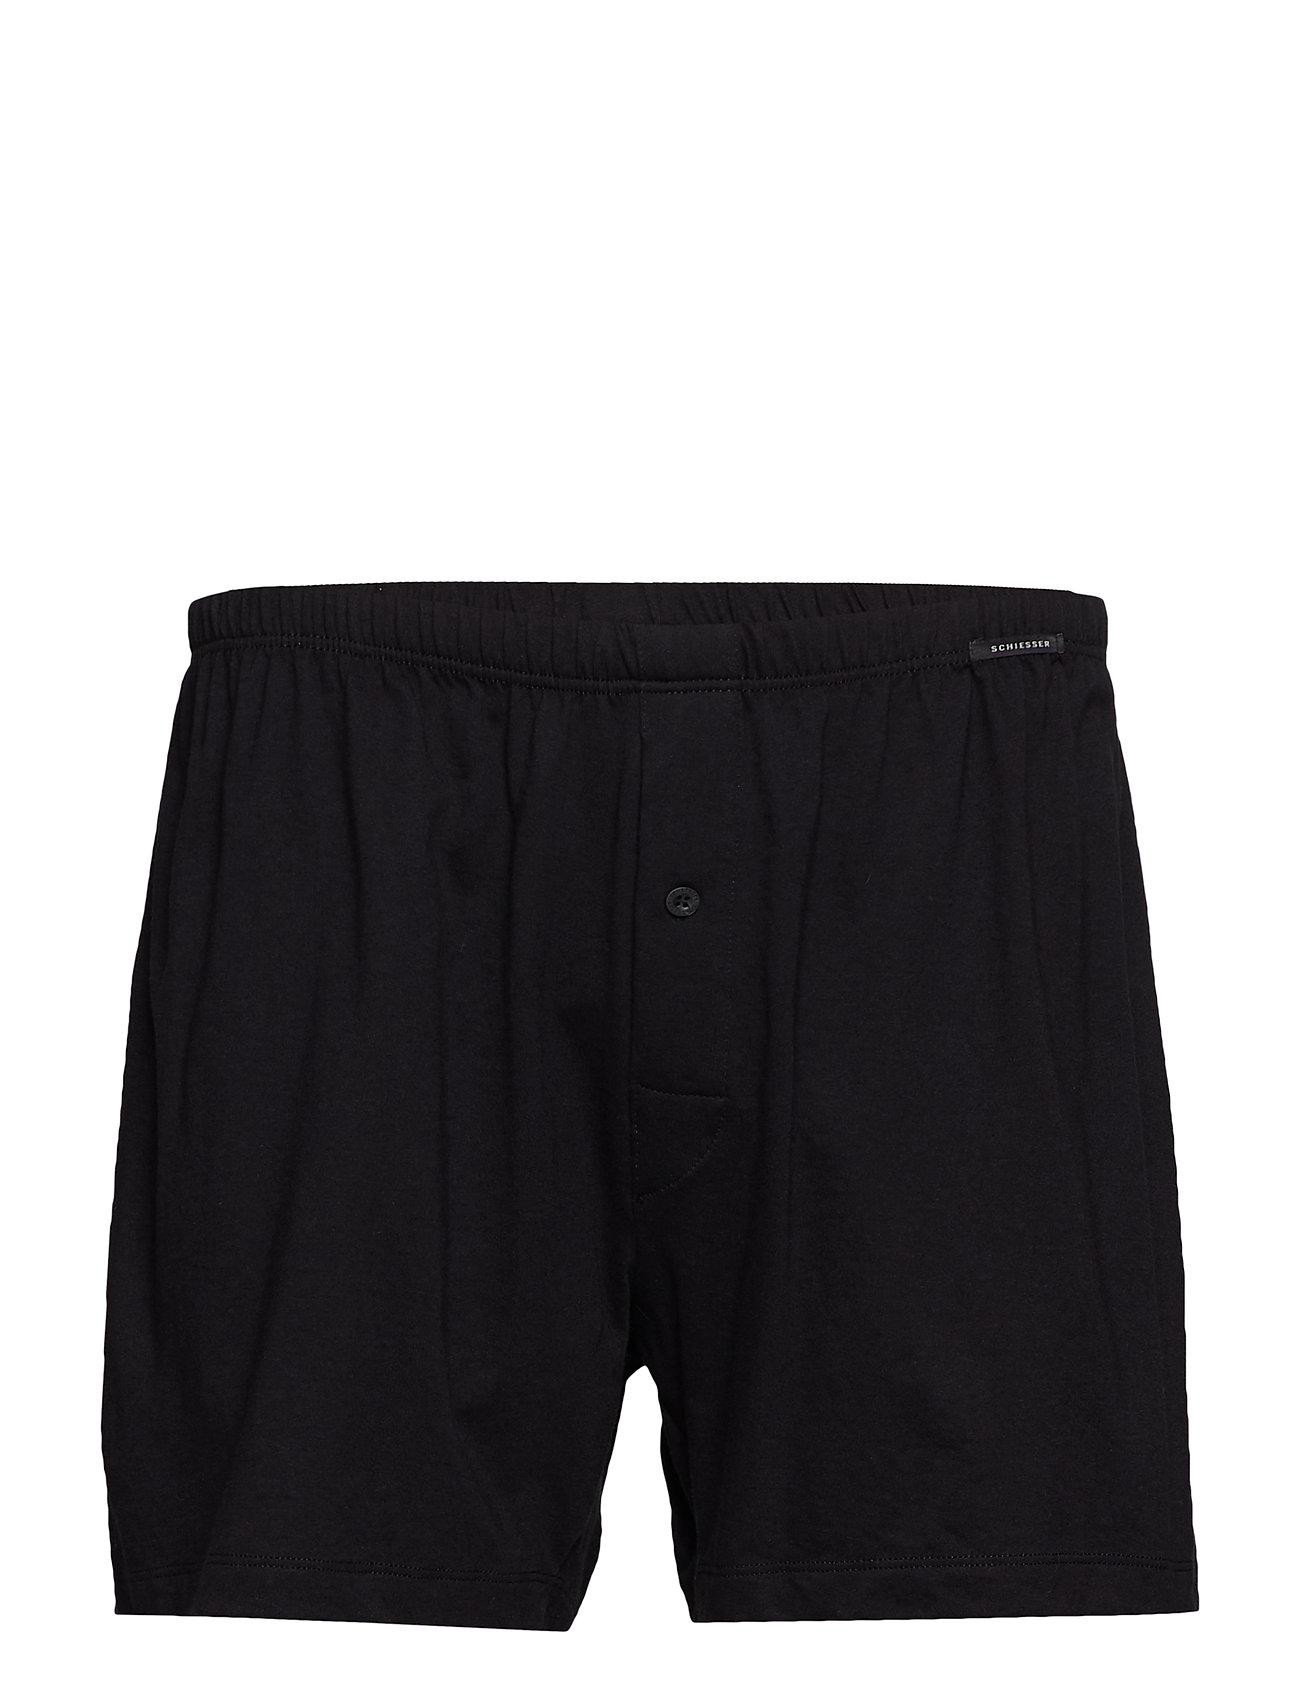 Schiesser Boxershorts - BLACK